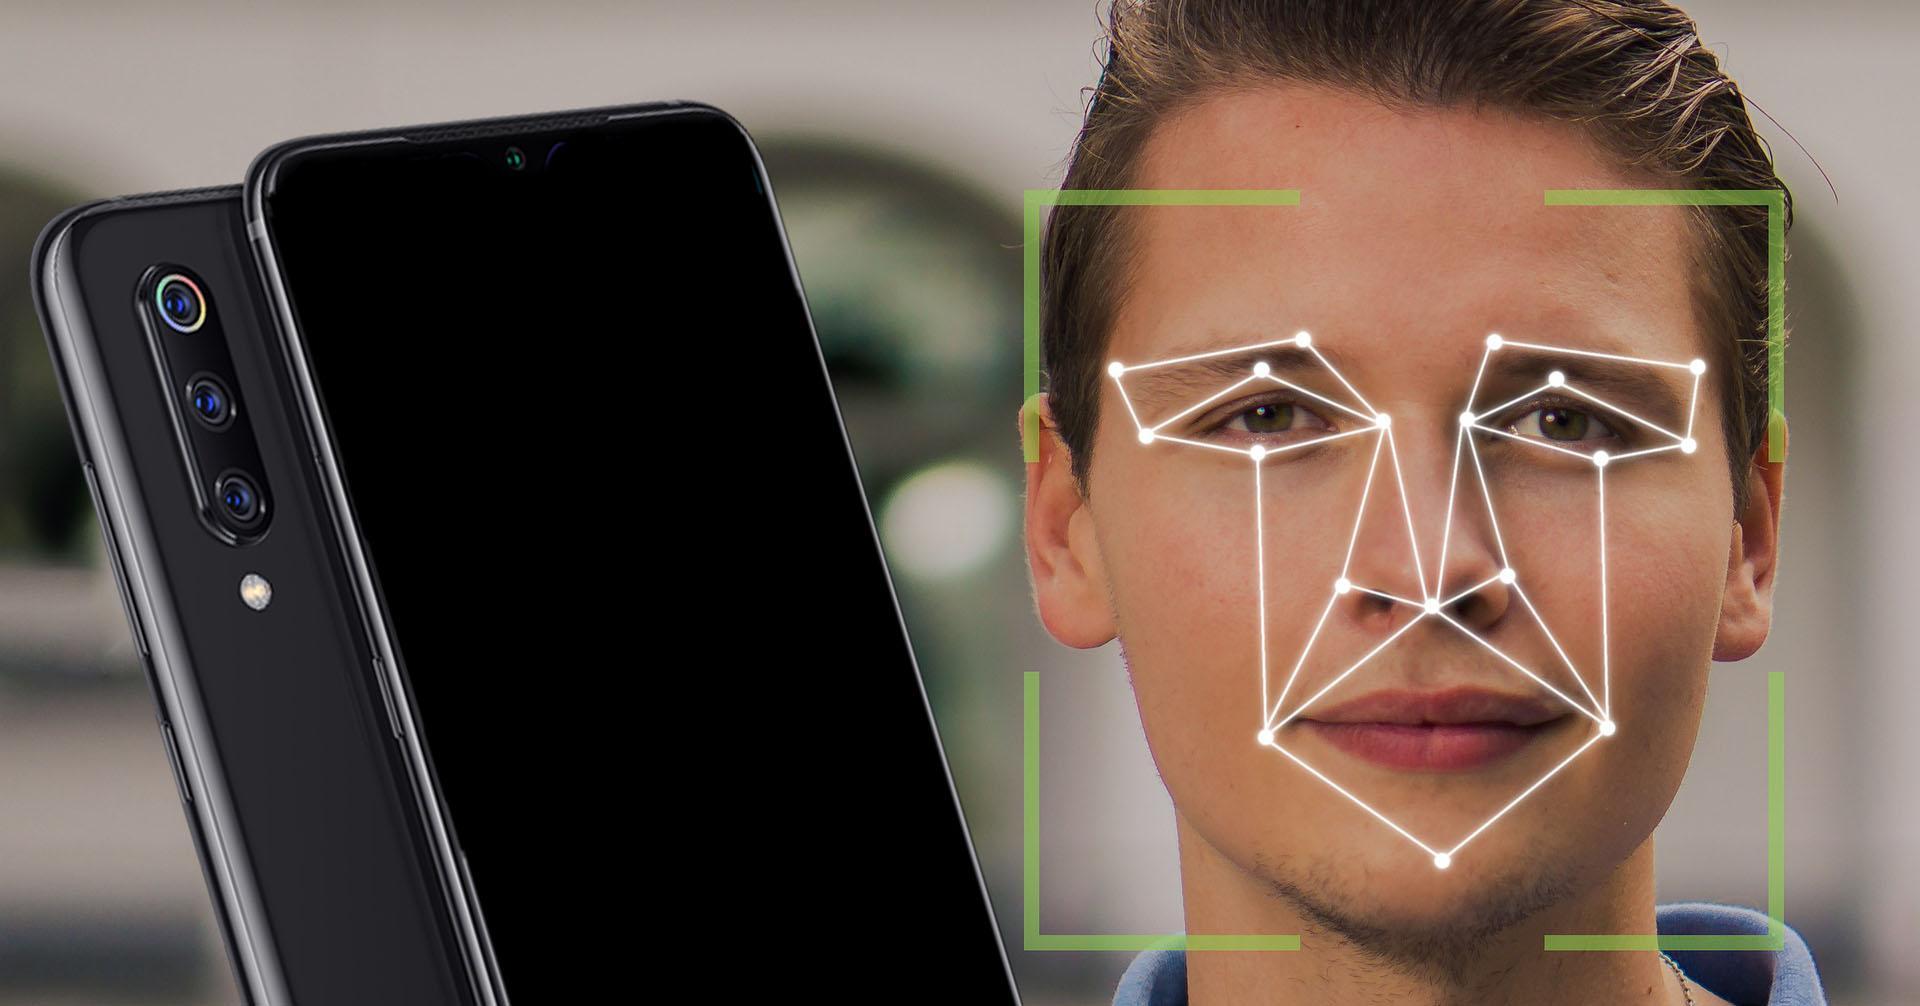 Reconocimiento facial móviles Android